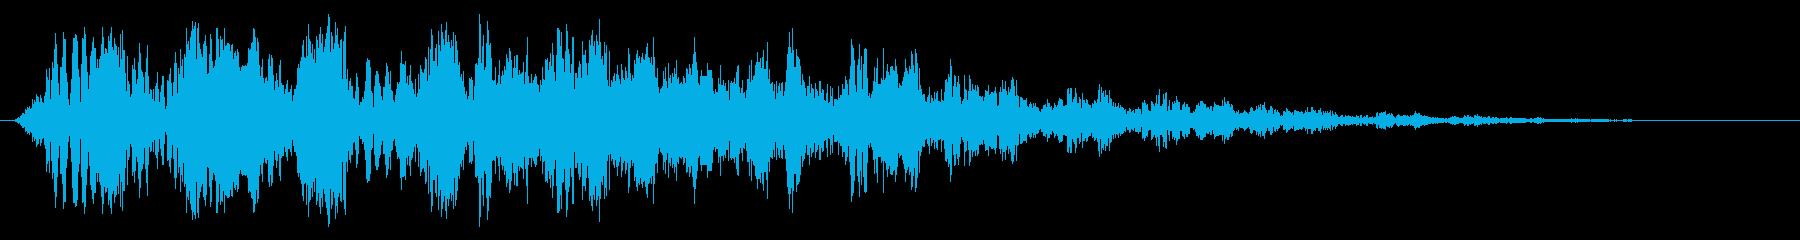 ピュルルルルルルン(下がっていく)の再生済みの波形